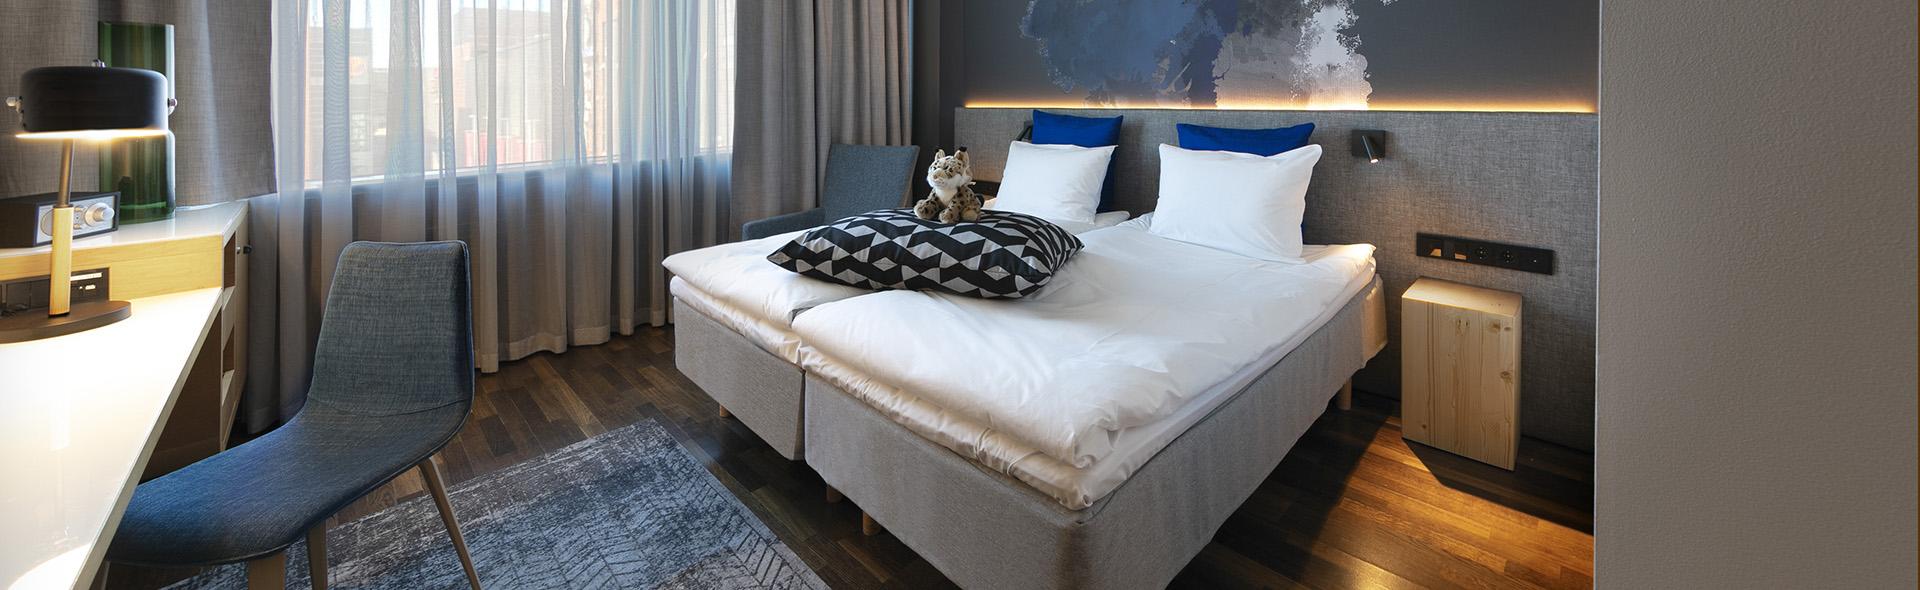 Glo Hotel Sello comfort huone